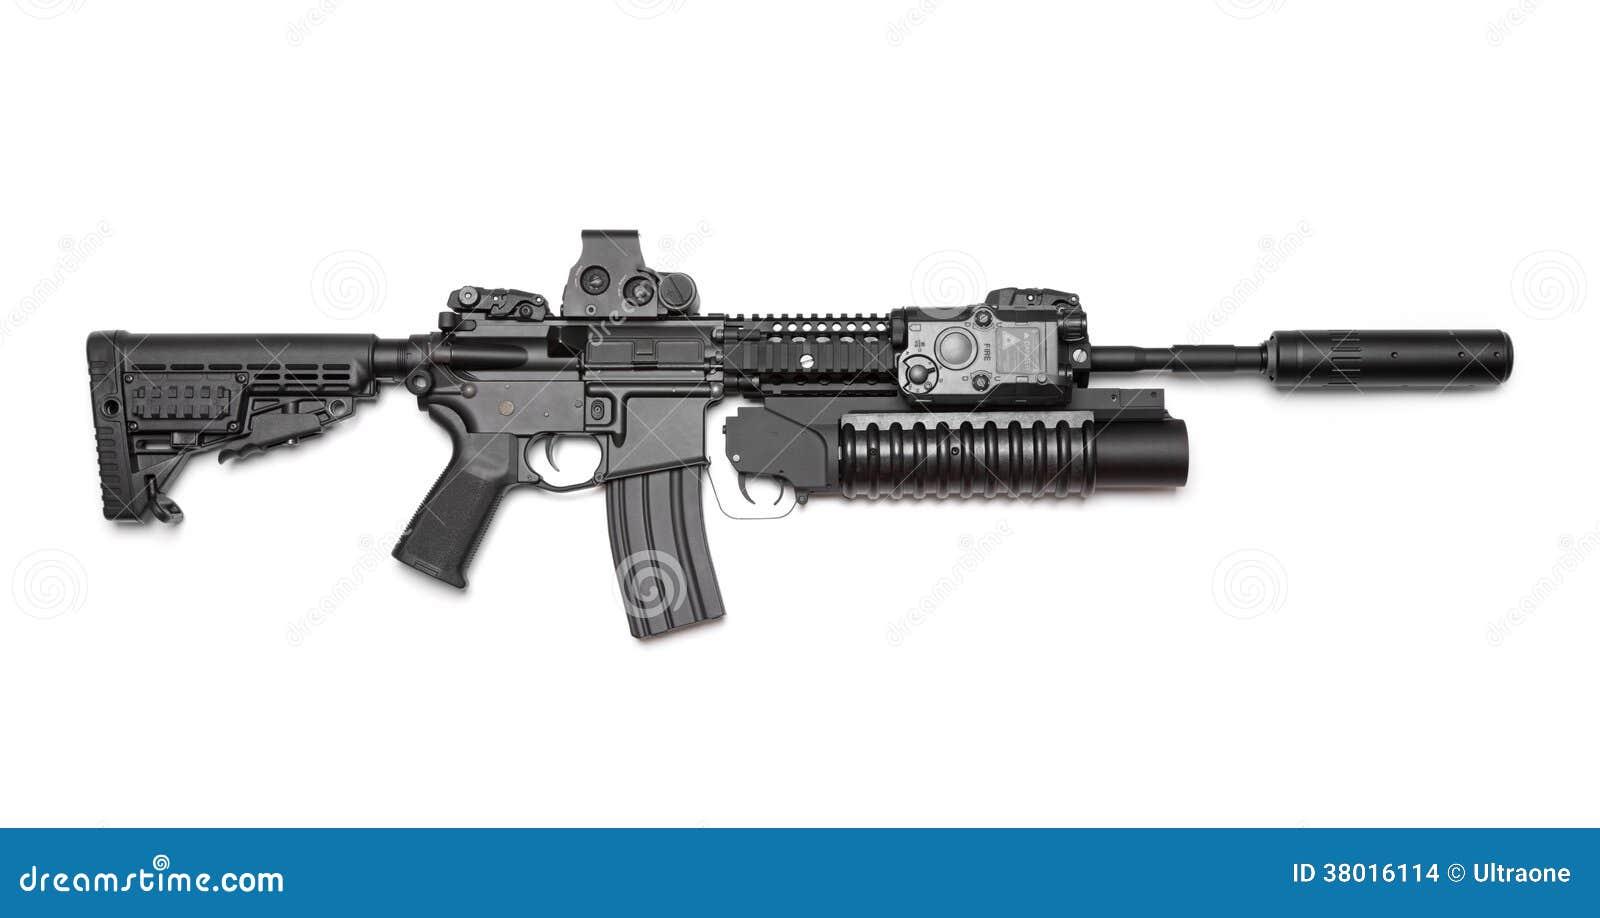 Assault Rifle Watch Dogs